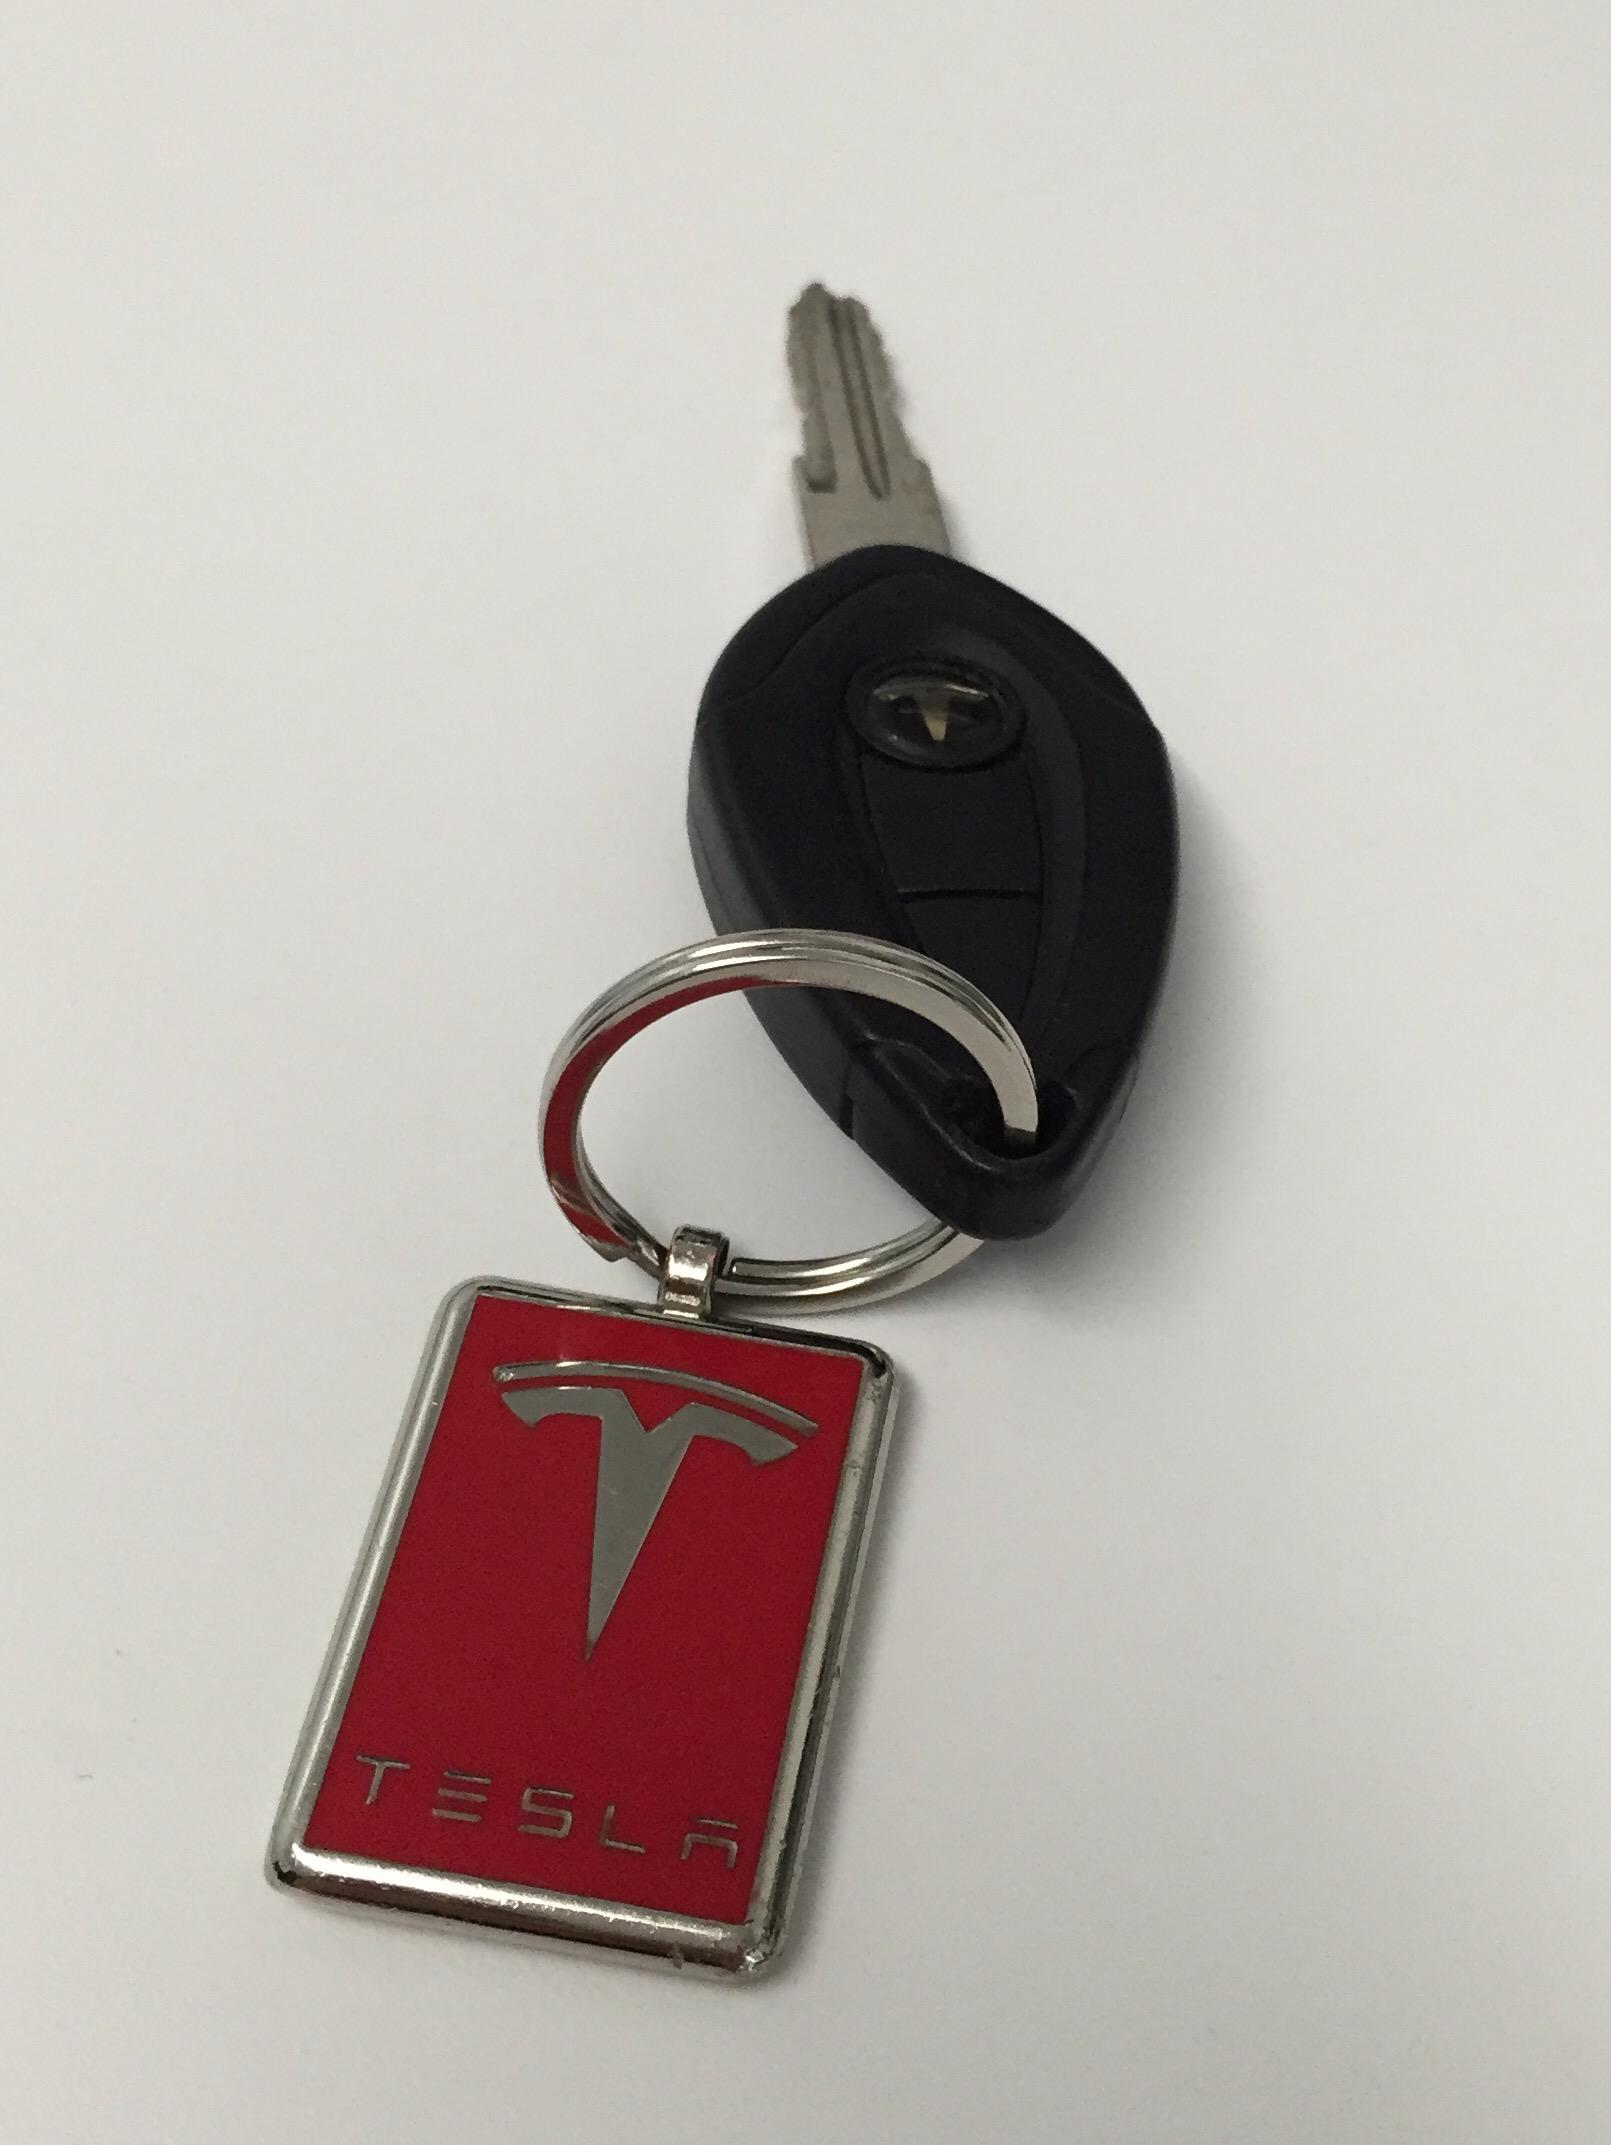 Roadster key